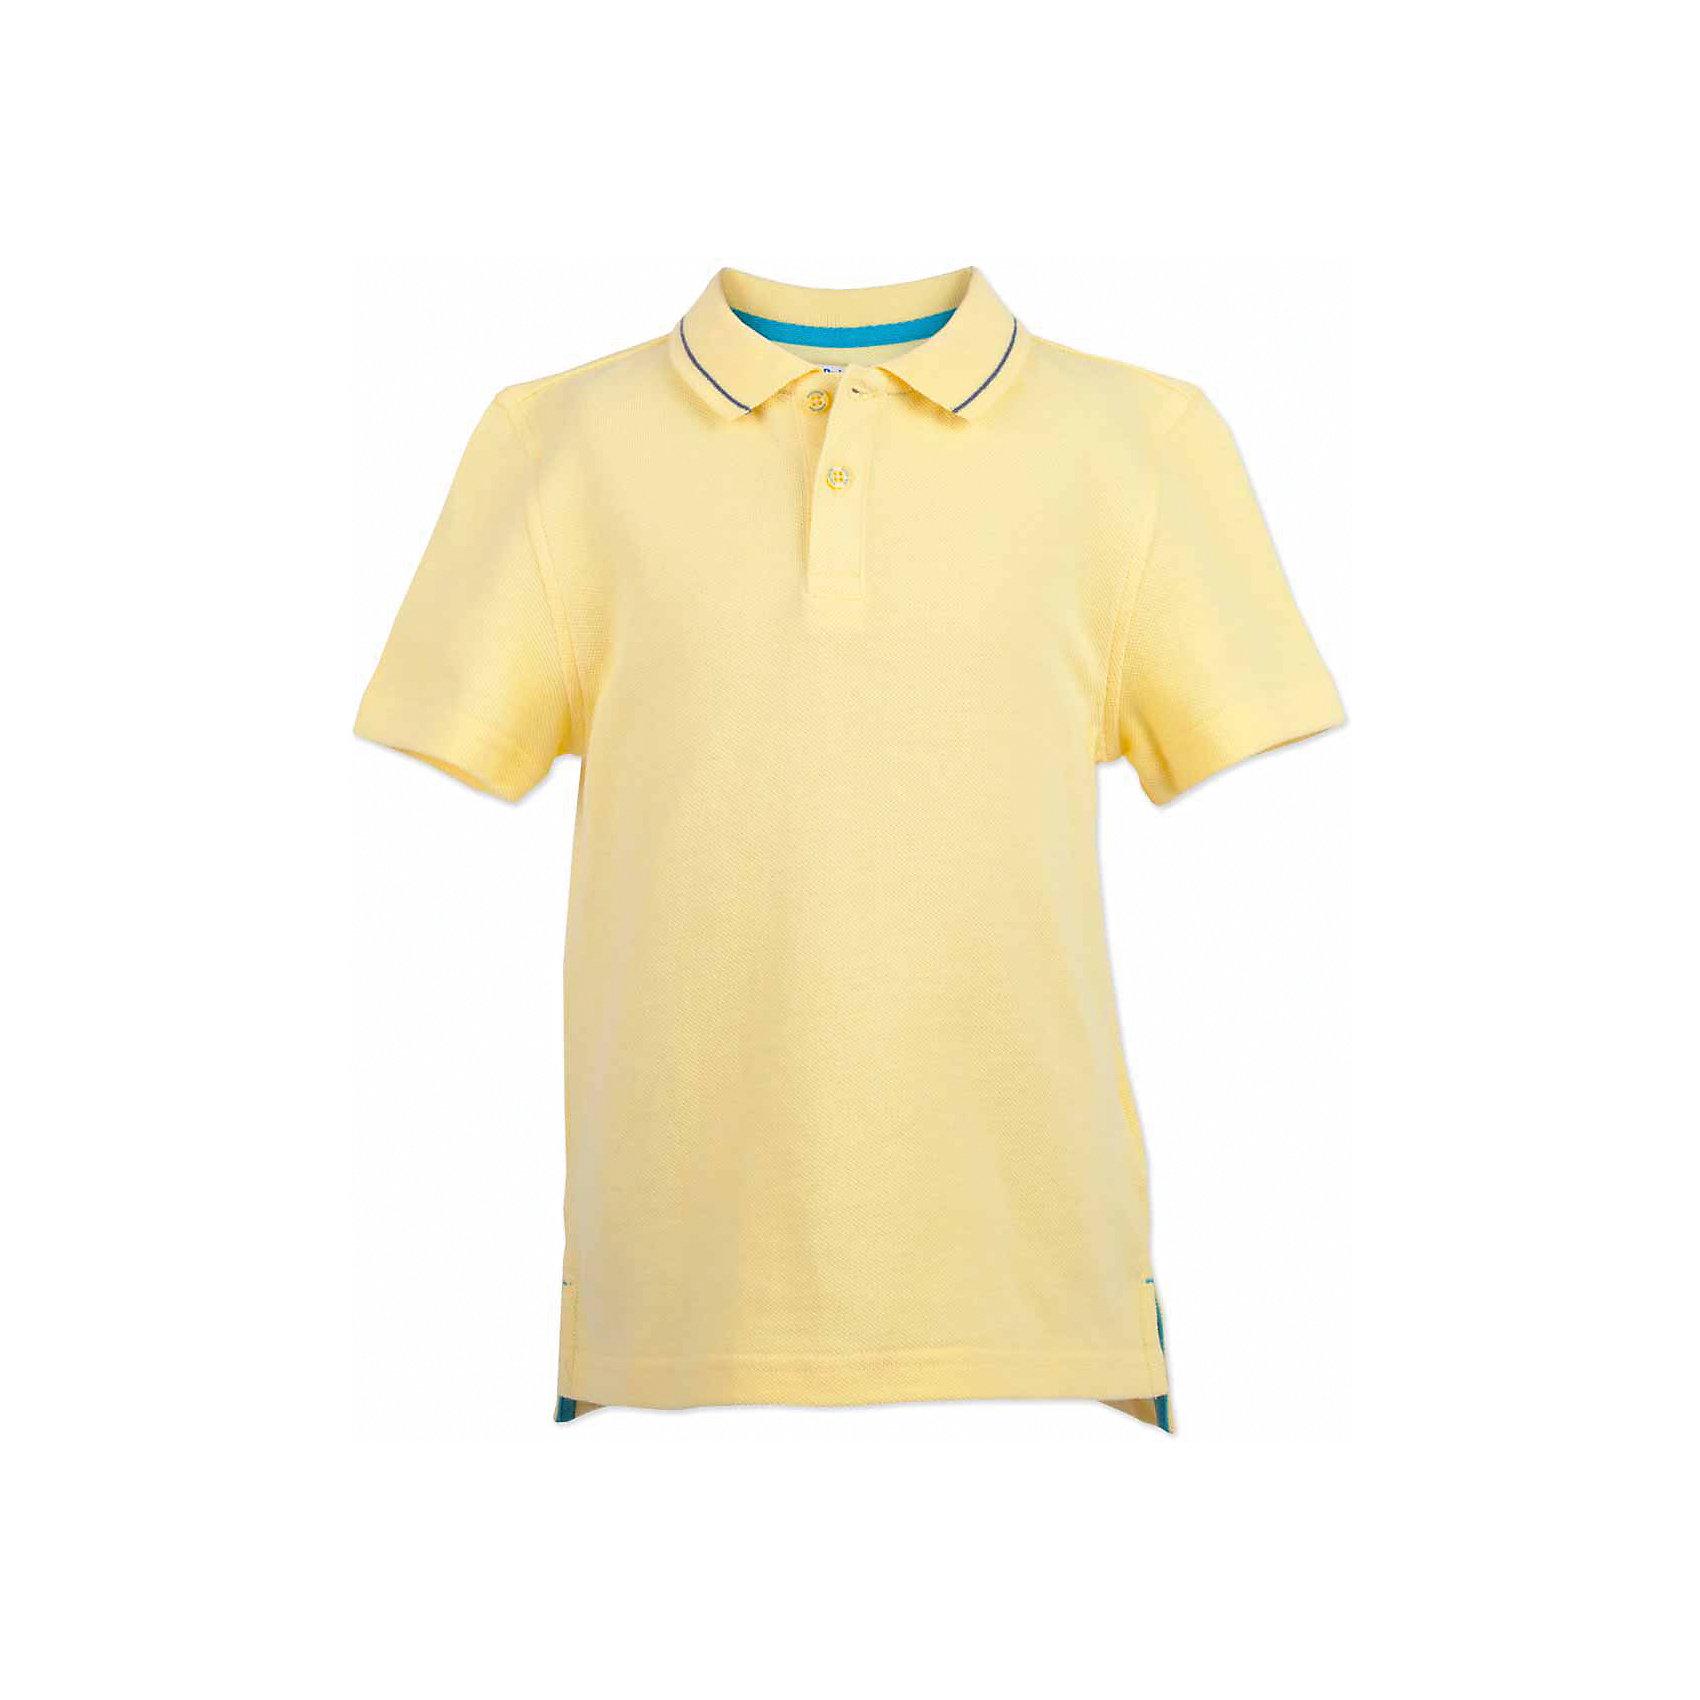 Поло для мальчика  BUTTON BLUEФутболки, поло и топы<br>Поло для мальчика  BUTTON BLUE<br>Яркая футболка-поло - изделие из разряда must have! Это не только базовая вещь в гардеробе ребенка, но и залог хорошего летнего настроения! Если вы решили купить недорогую  футболку-поло для мальчика, выберете желтую модель от Button Blue и ваш ребенок будет доволен! Низкая цена не окажет влияния на бюджет семьи, позволив создать интересный базовый гардероб для долгожданных каникул!<br>Состав:<br>100%  хлопок<br><br>Ширина мм: 199<br>Глубина мм: 10<br>Высота мм: 161<br>Вес г: 151<br>Цвет: желтый<br>Возраст от месяцев: 24<br>Возраст до месяцев: 36<br>Пол: Мужской<br>Возраст: Детский<br>Размер: 98,158,152,146,140,134,128,122,116,110,104<br>SKU: 5524368